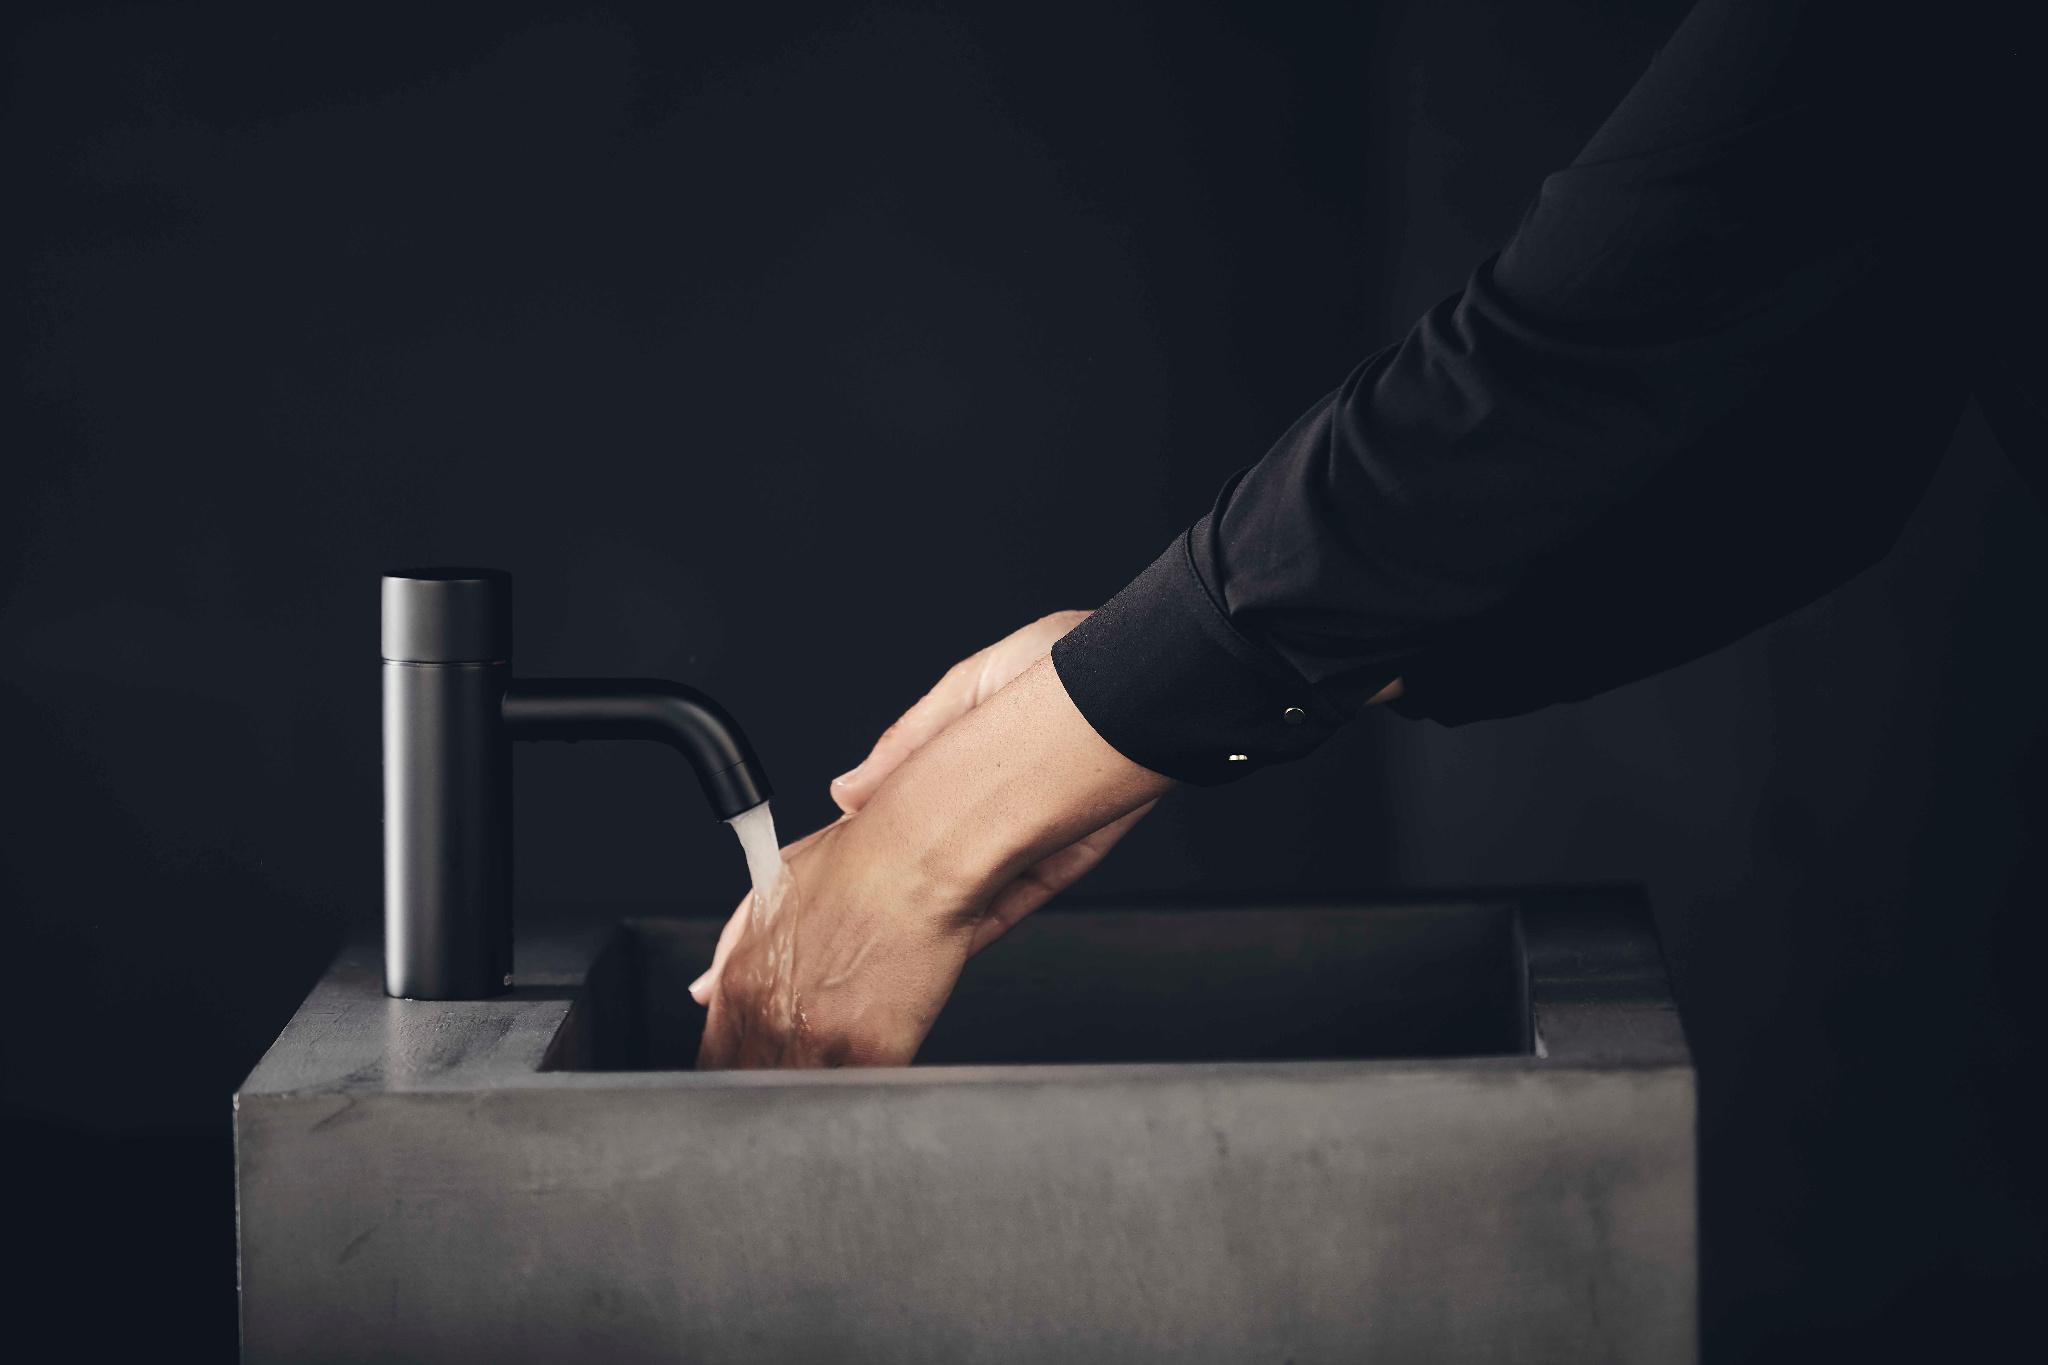 Dansk gennembrud for berøringsfrie vandhaner til hjemmet